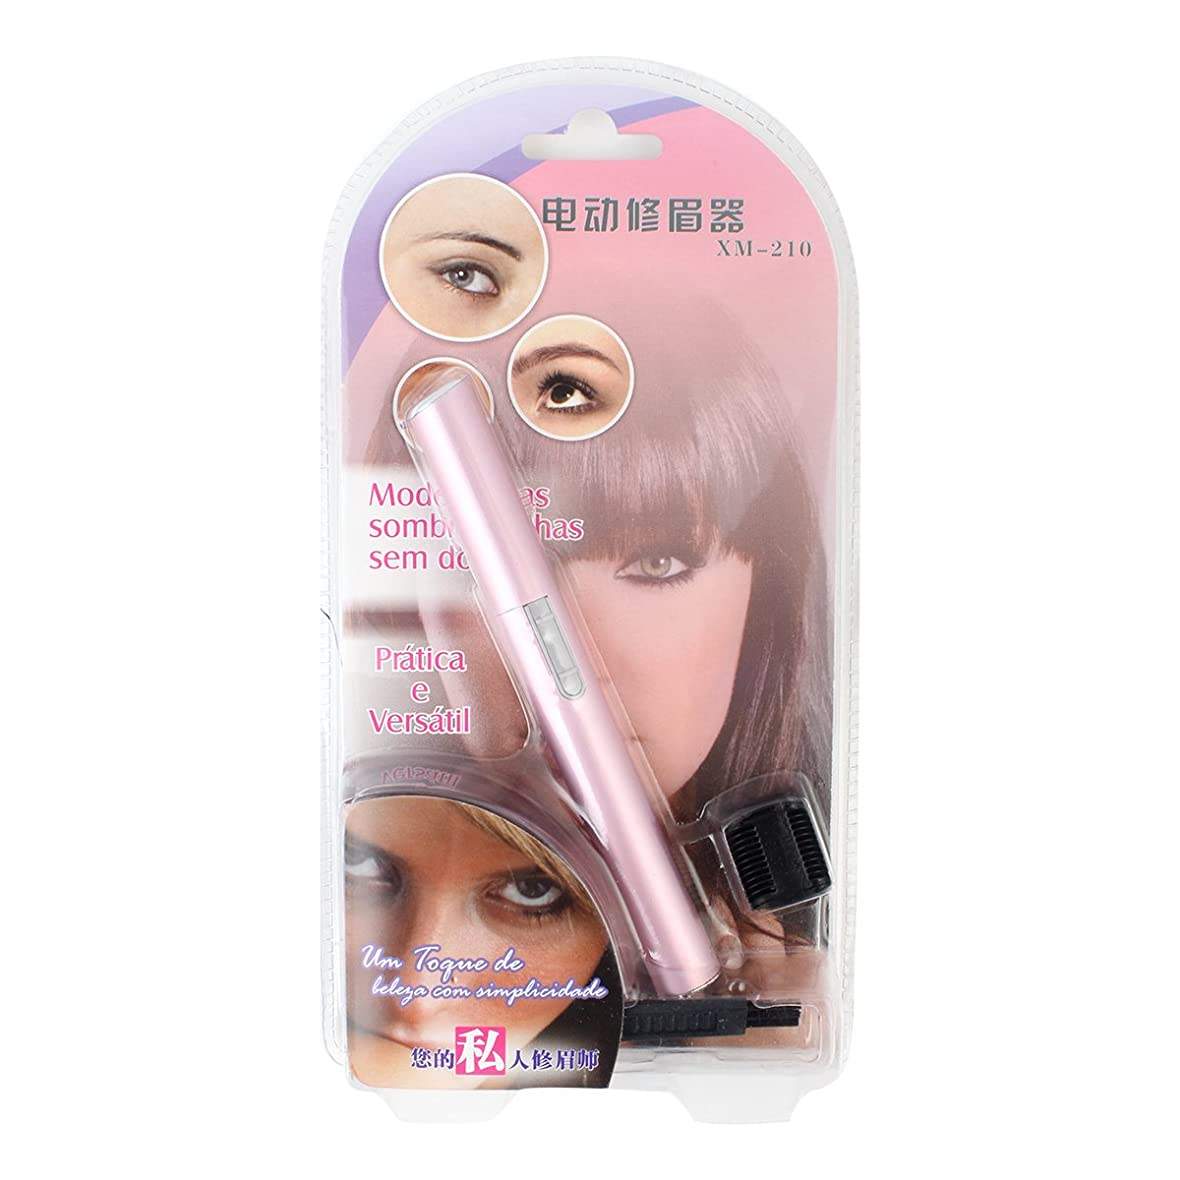 裁判所到着する書誌Zhaozhe眉毛シェーバー 眉 かみそり レディースシェーバー 除毛器 脱毛シェーバー 電池付けない